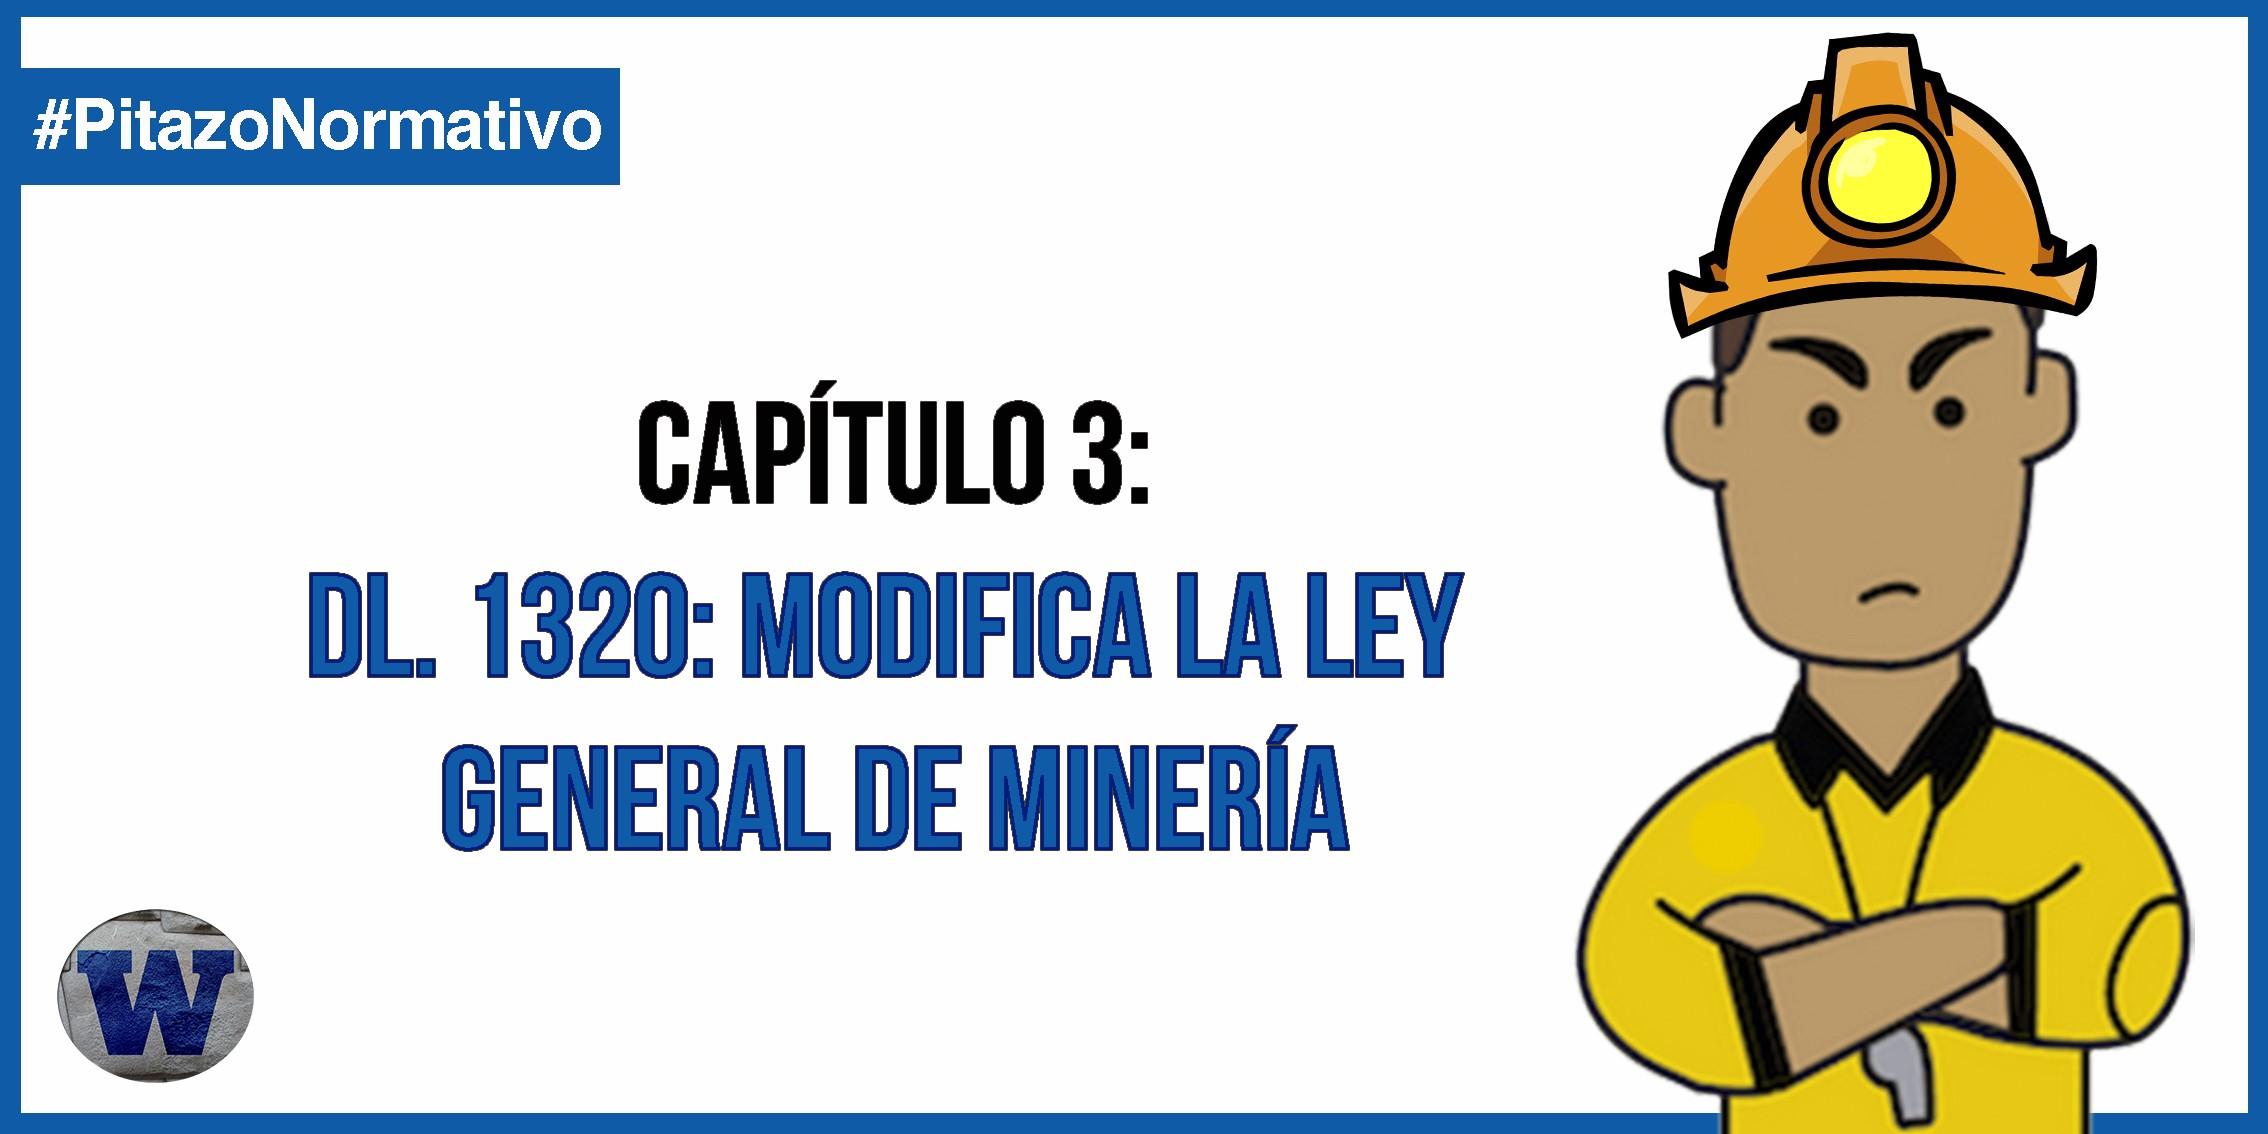 DL 1320: Se modifica la Ley  General de Minería